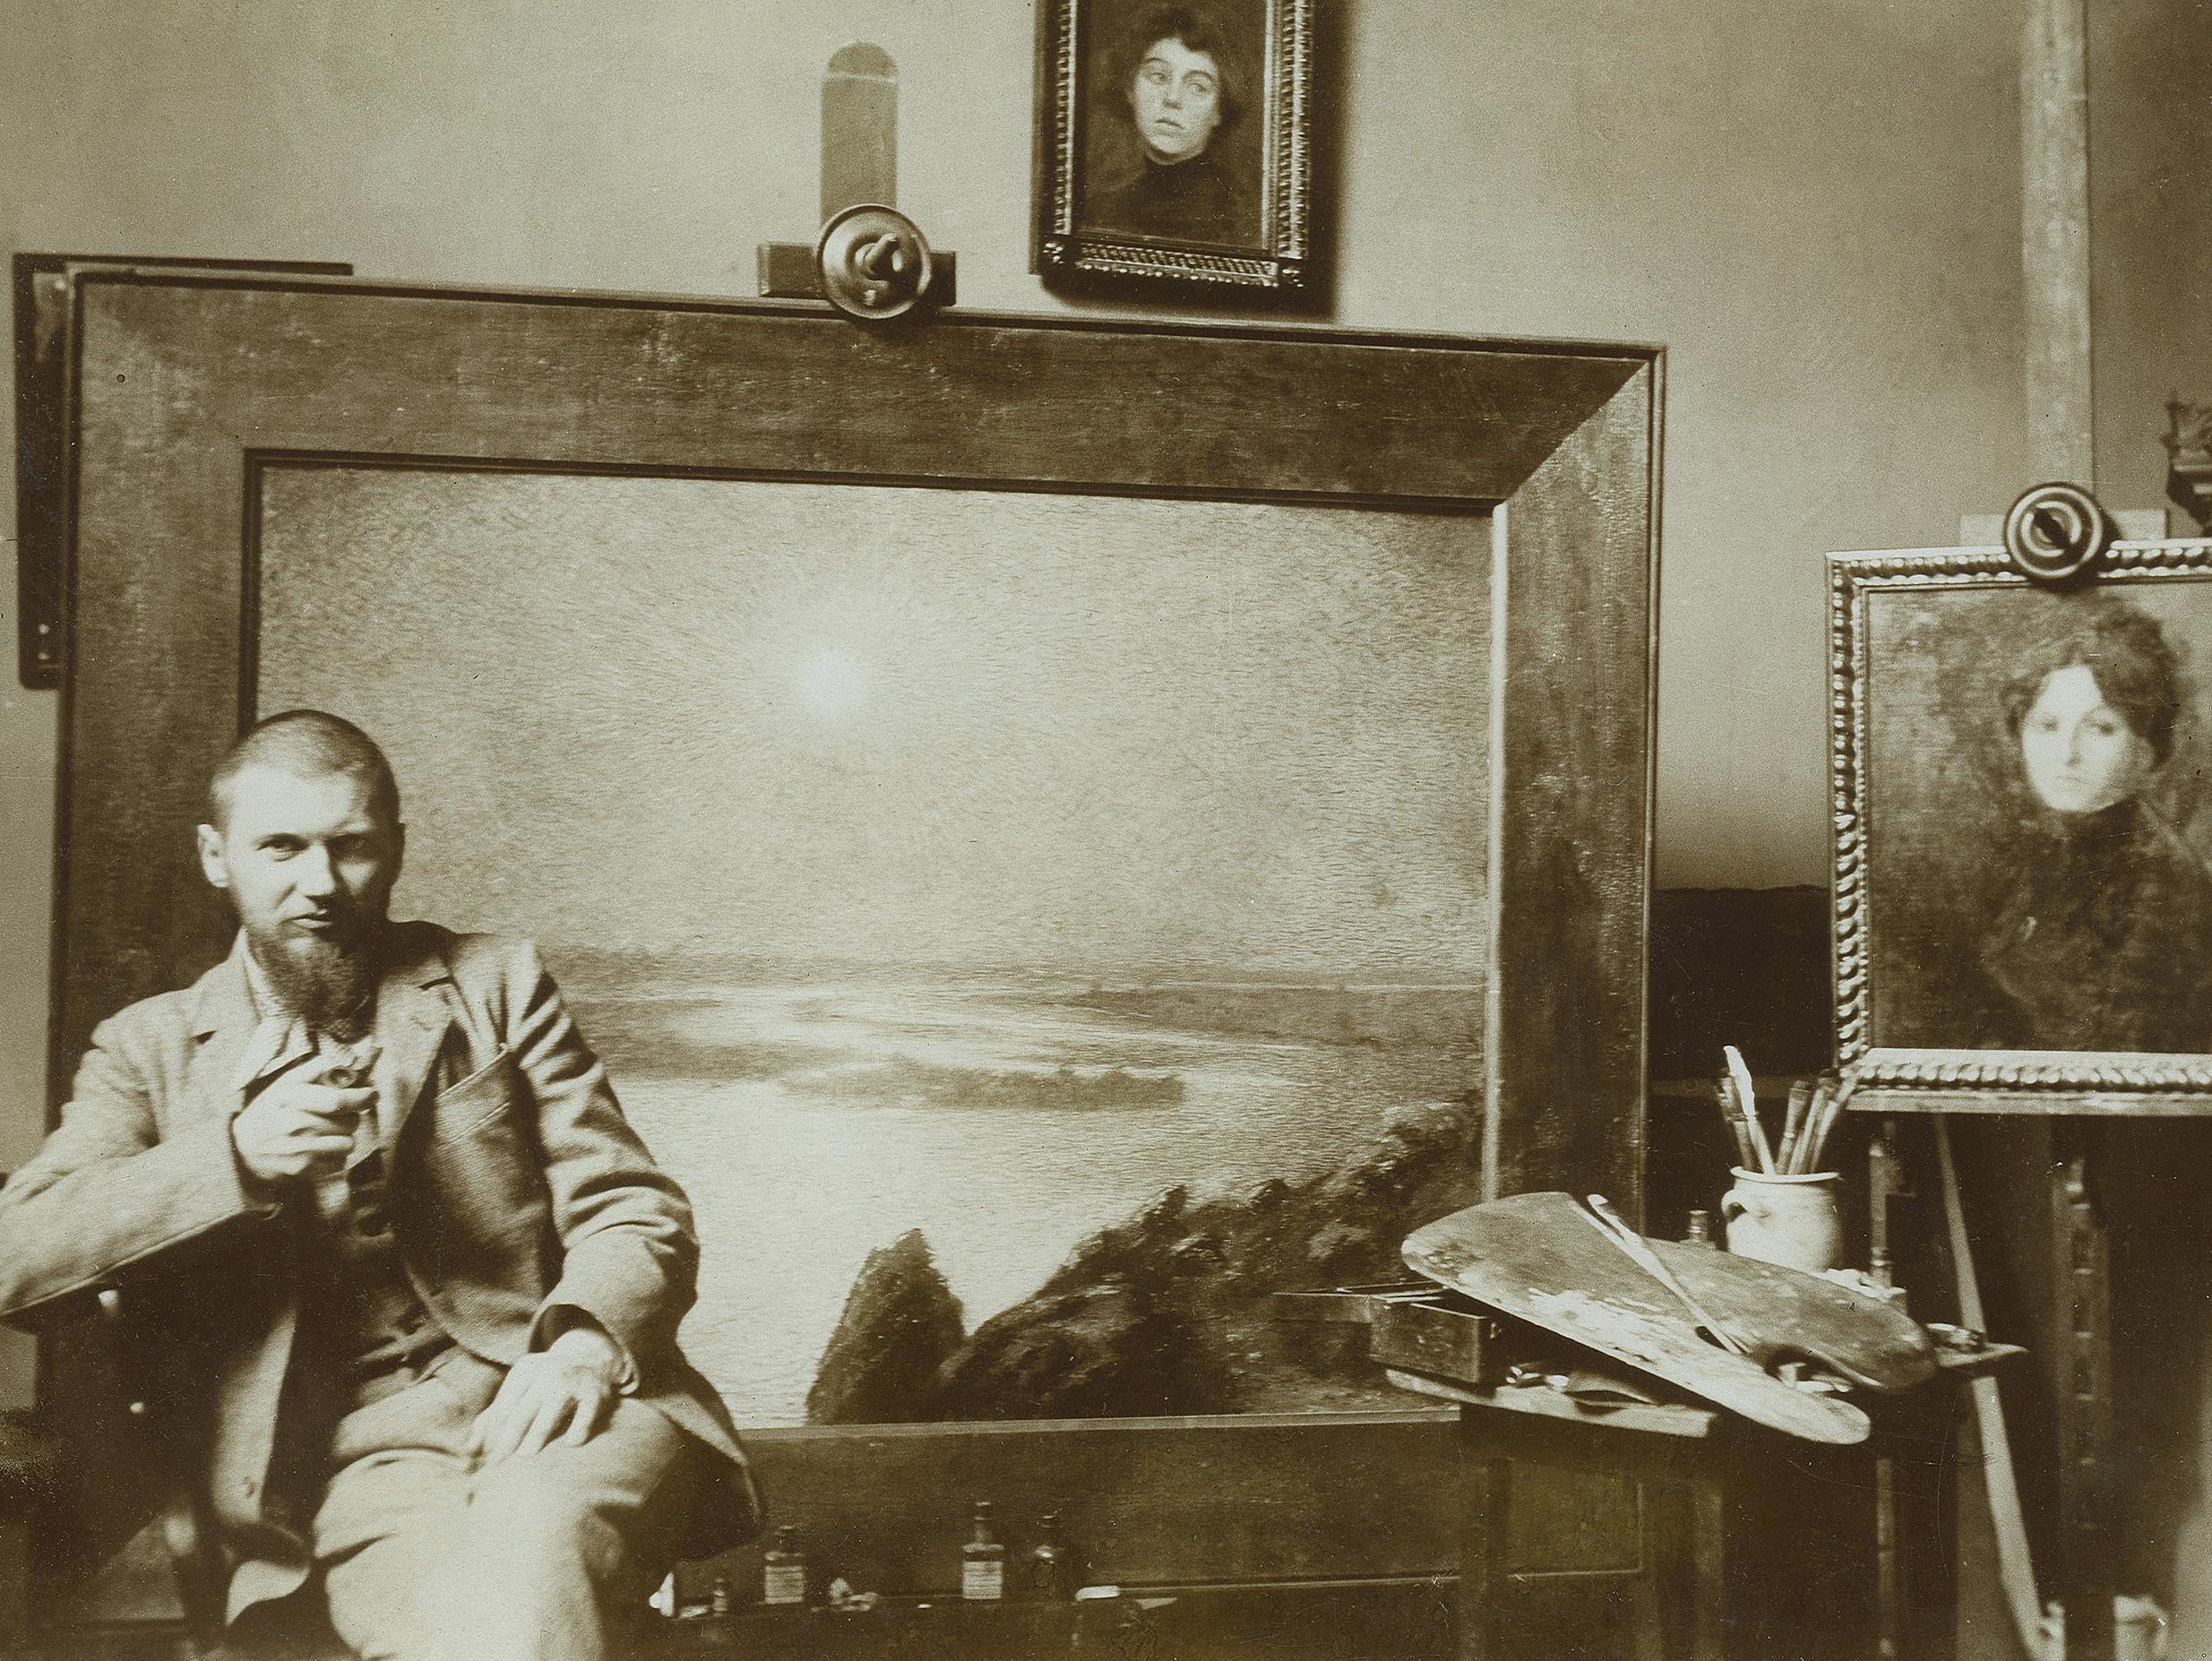 Soter Jaxa-Małachowski w pracowni, ok. 1894-1900 roku, wł. kolekcja prywatna